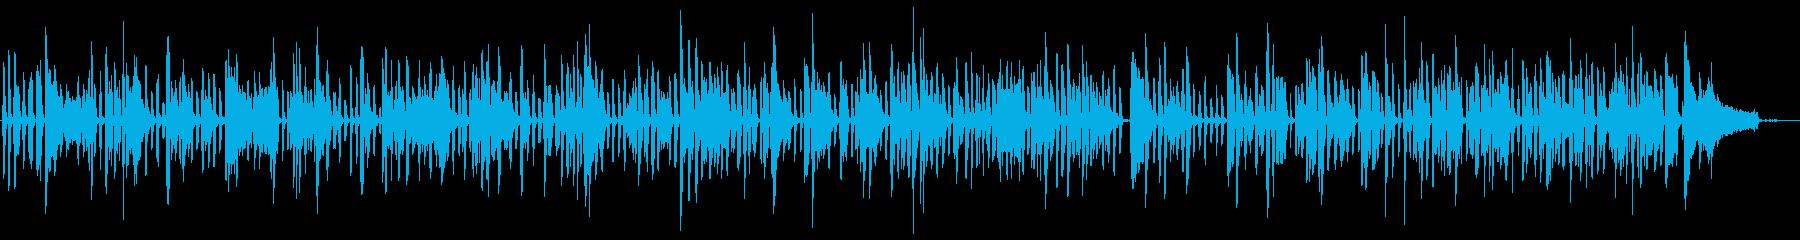 ピアノの陽気なブルースの再生済みの波形